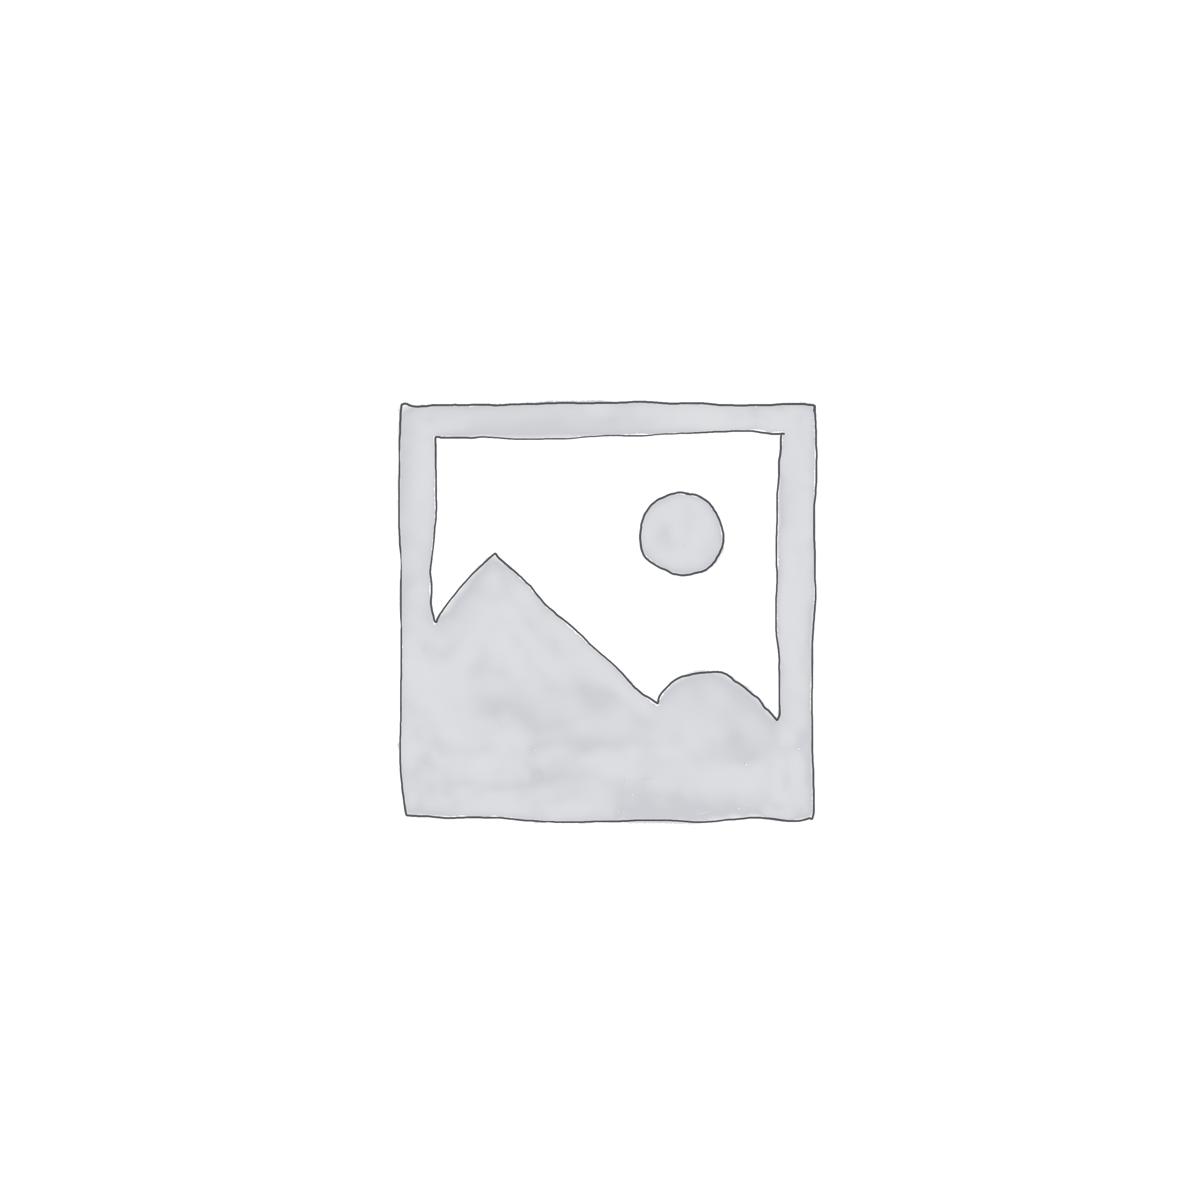 پکیج زمینی کالورپک پلاس